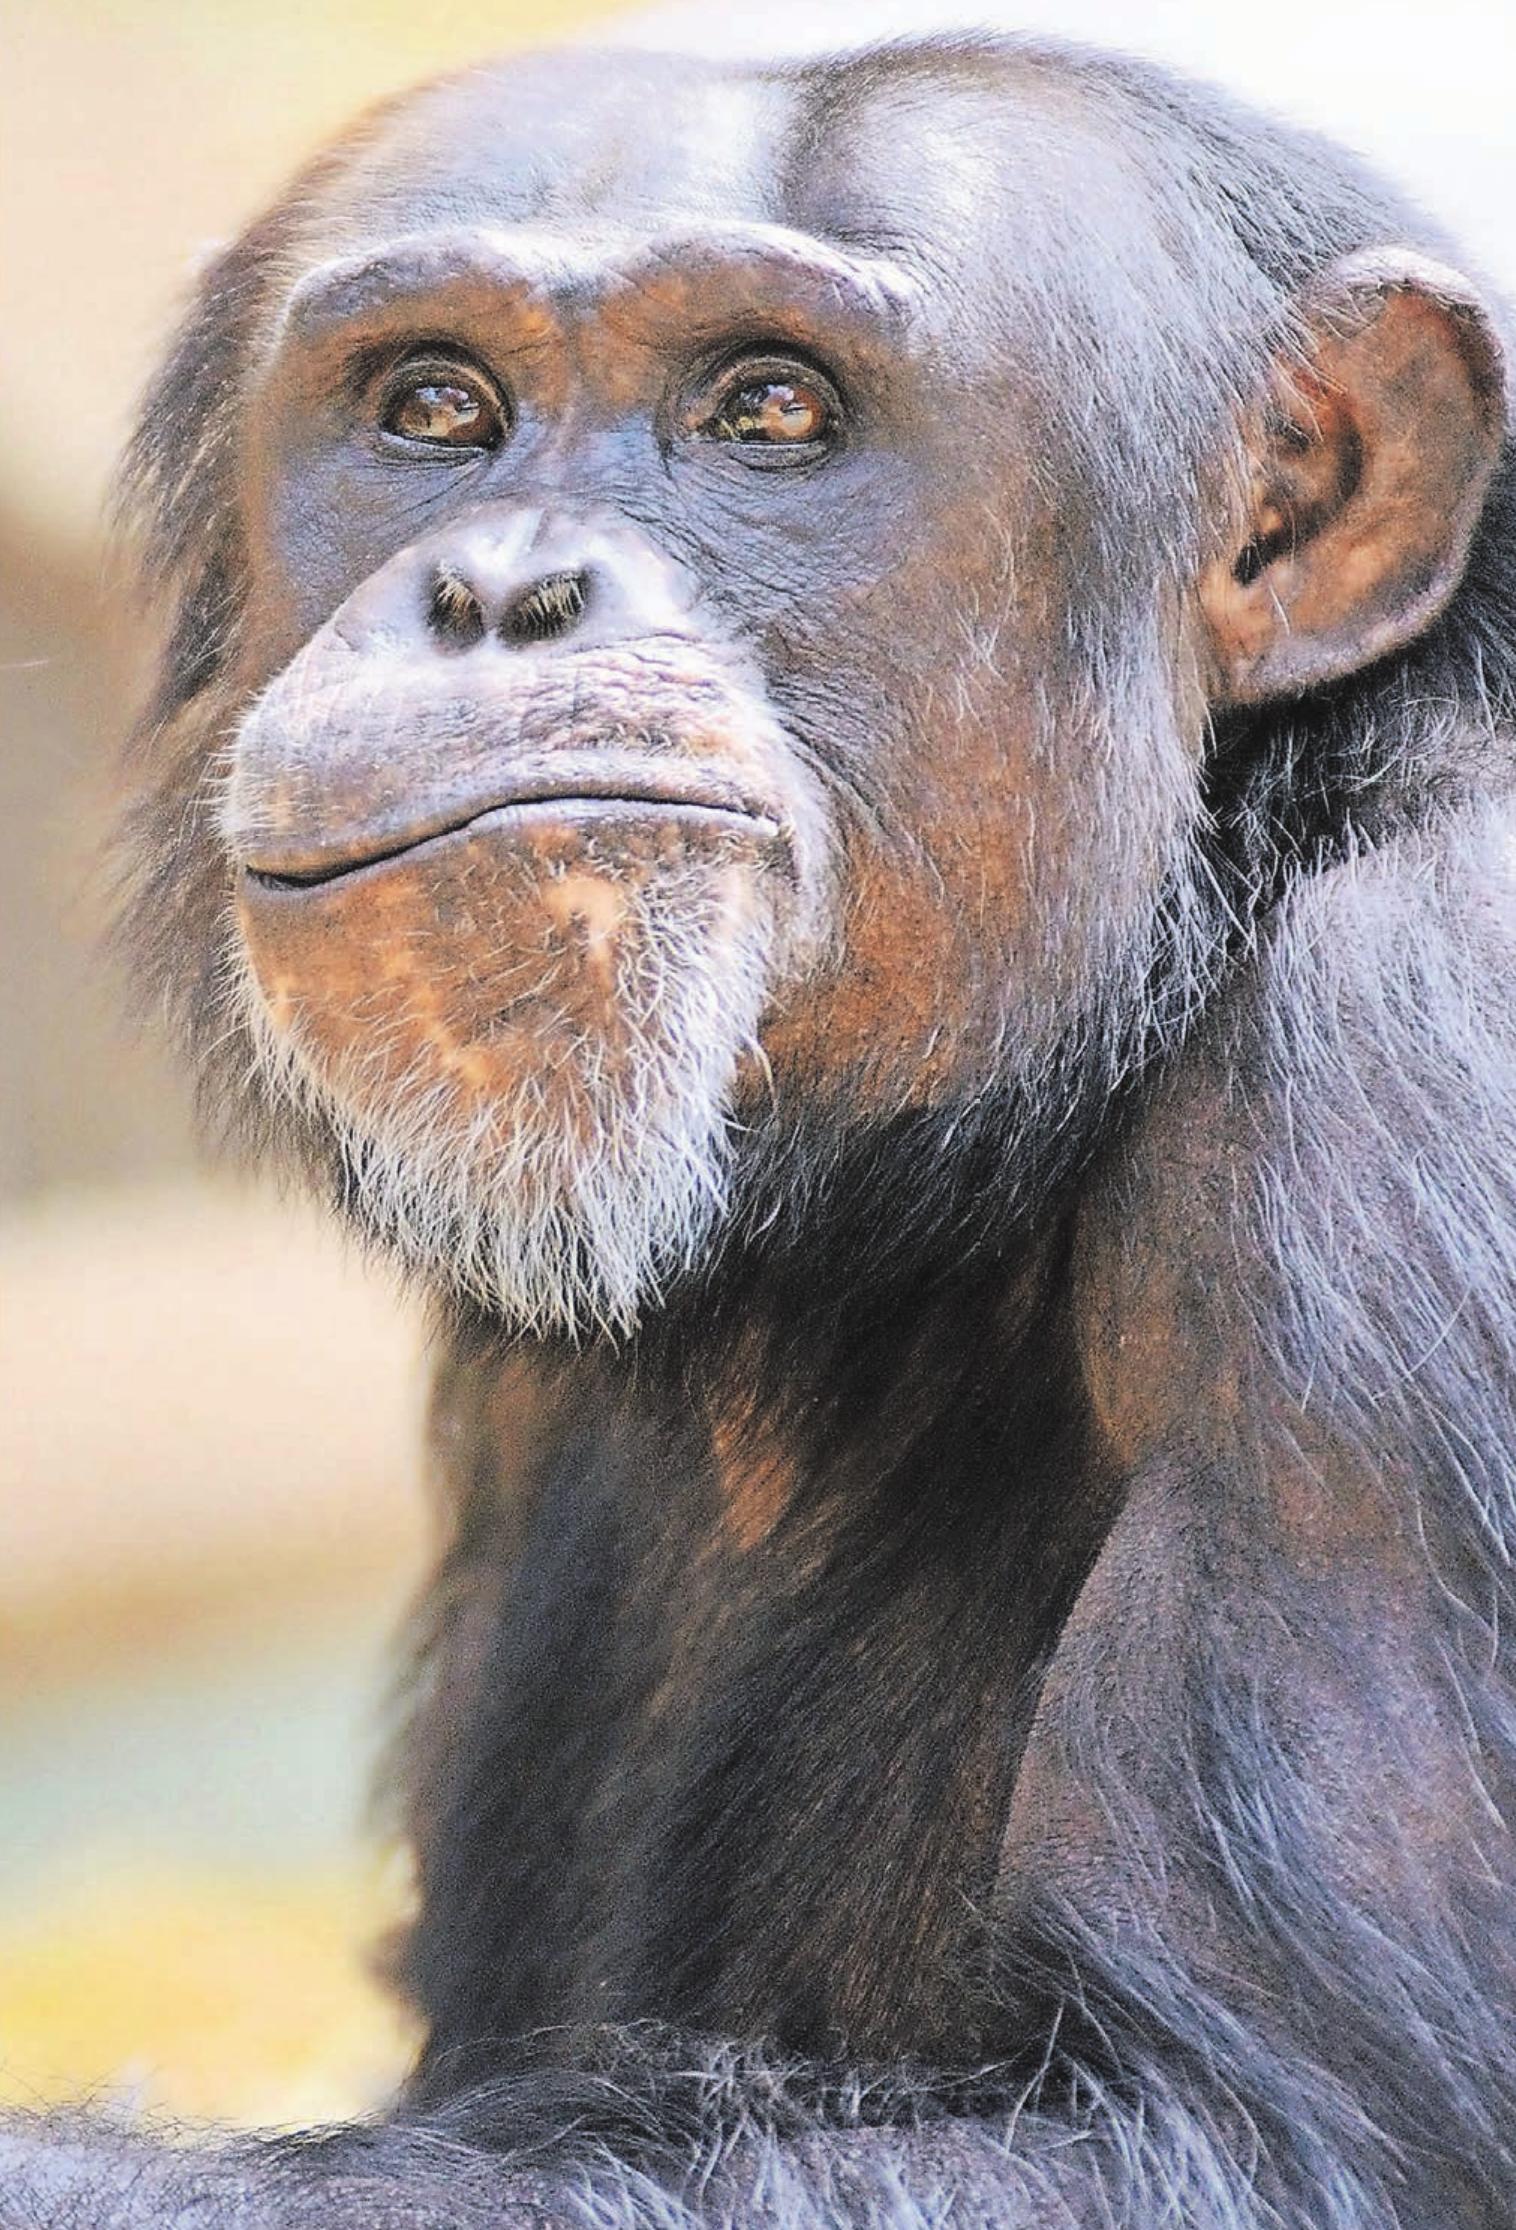 Seit der Eröffnung des europaweit beachteten Affentropenhauses 1975 ist die Haltung der drei Menschenaffenarten Westlicher Flachland-Gorilla, westafrikanischer Schimpanse und Borneo Orang-Utan ein Schwerpunkt des Krefelder Zoos.